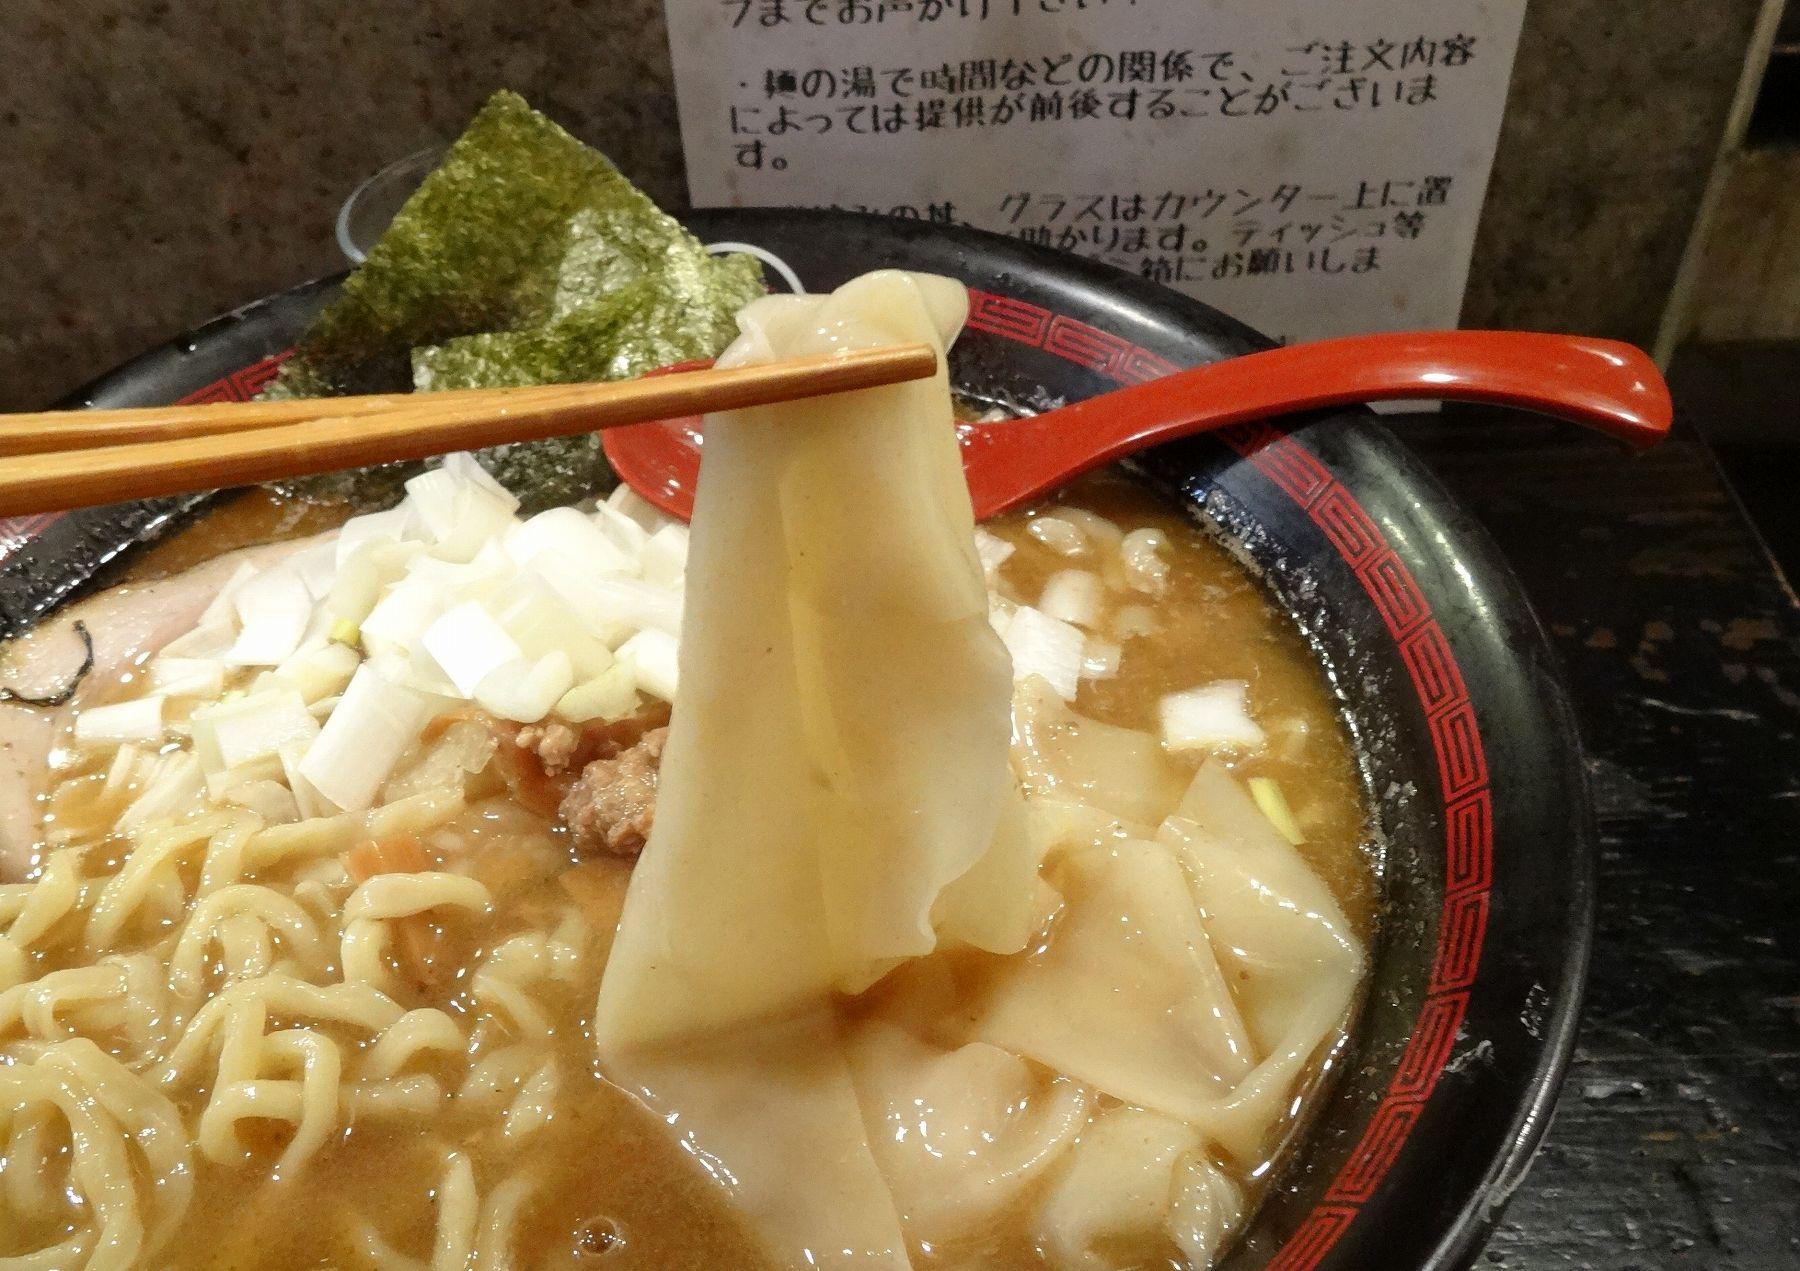 20120814005nagi nishishinjuku